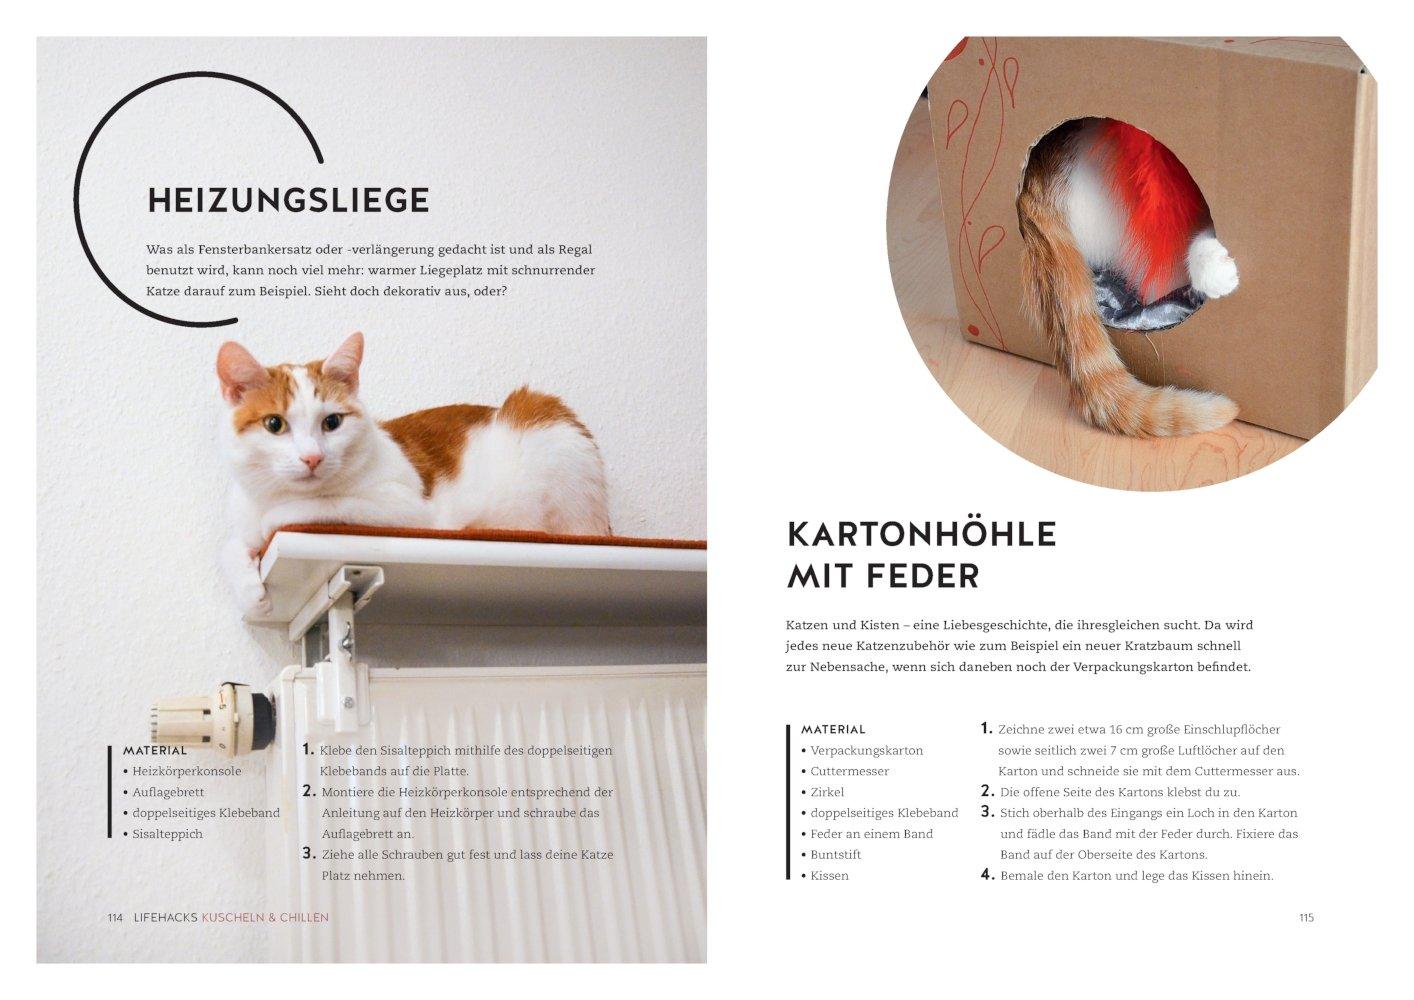 Ziemlich Innere Anatomie Einer Katze Bilder - Anatomie Ideen ...